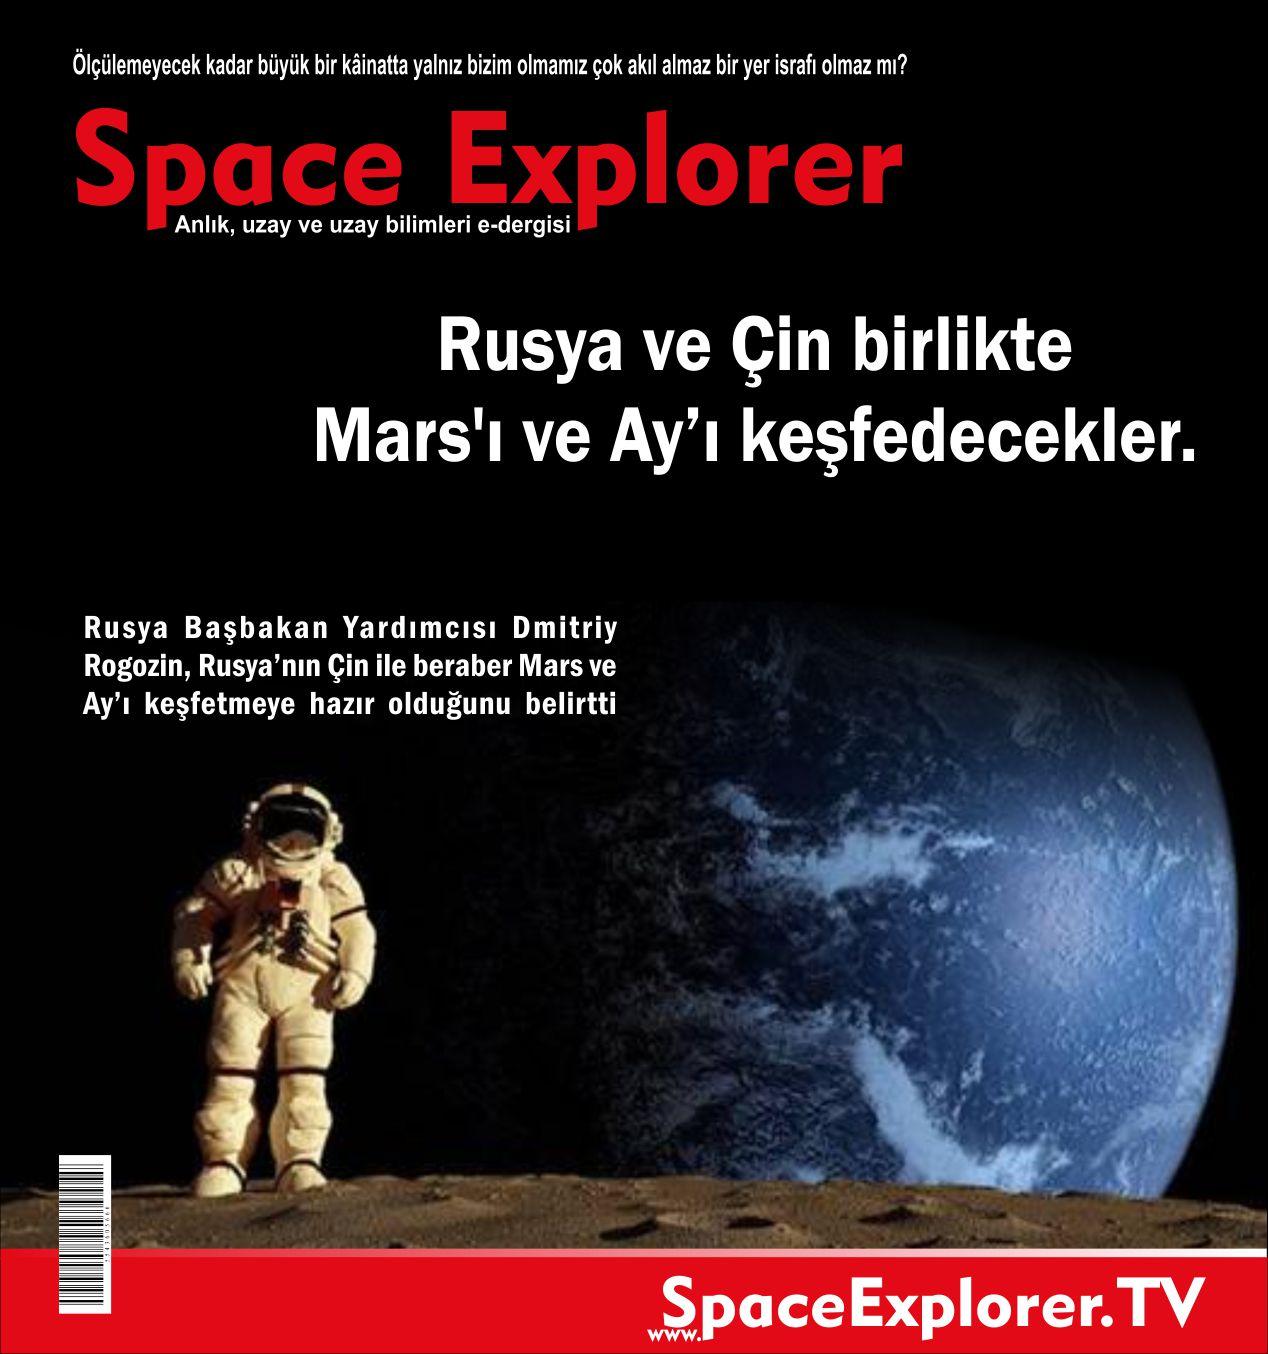 Rusya, Çin, Mars, Merih, Ay, NASA, ABD, Uzay savaşları, Space Explorer, Uzay haberleri,